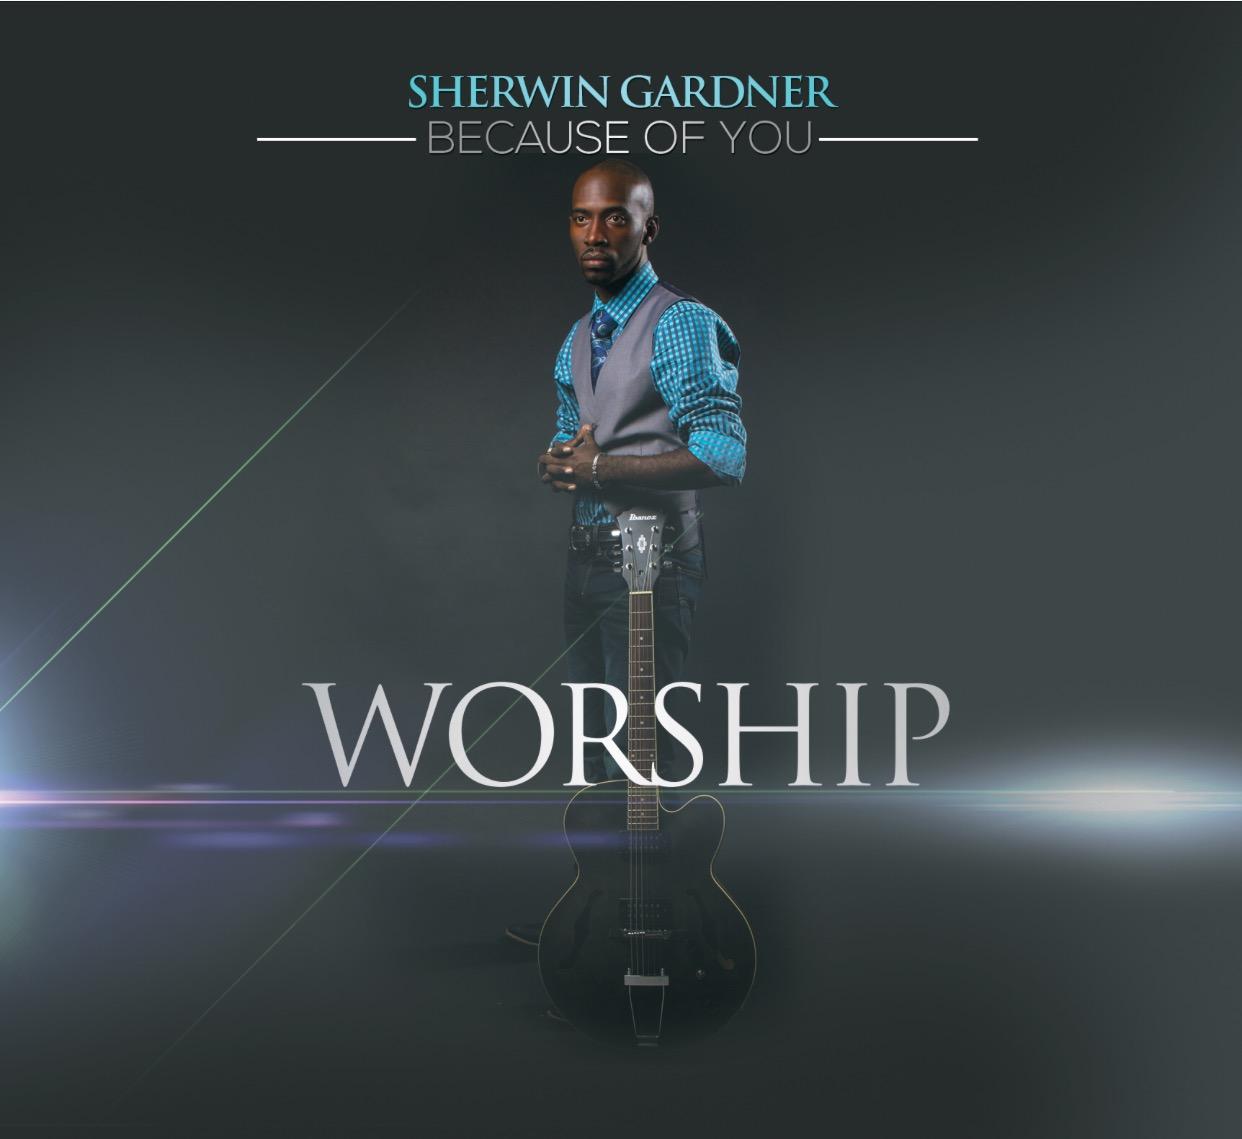 Because of You - Sherwin Gardner